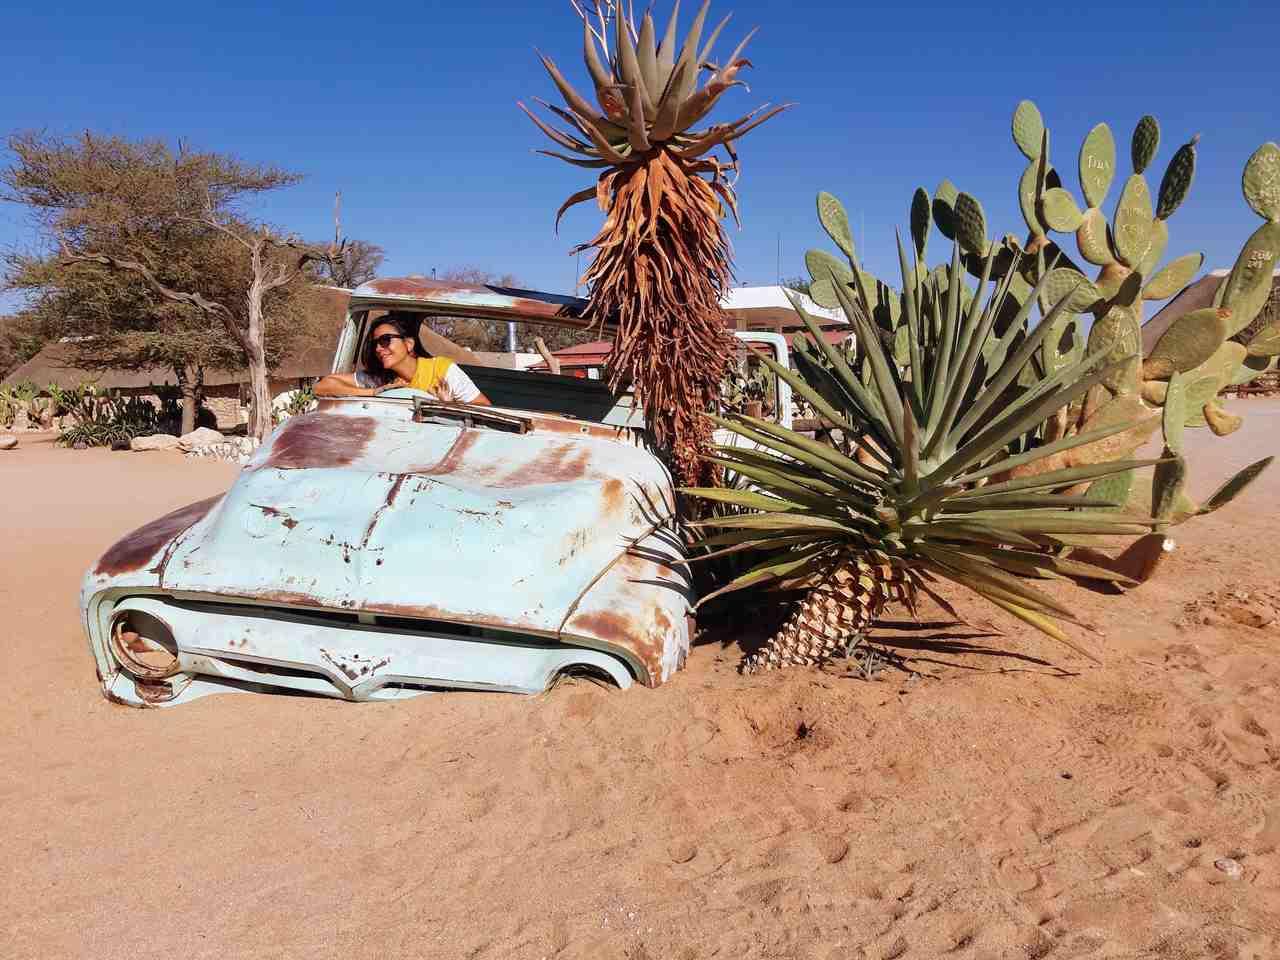 Carro abandonado em Solitaire na Namíbia. Foto de Rita Cerveira Martins